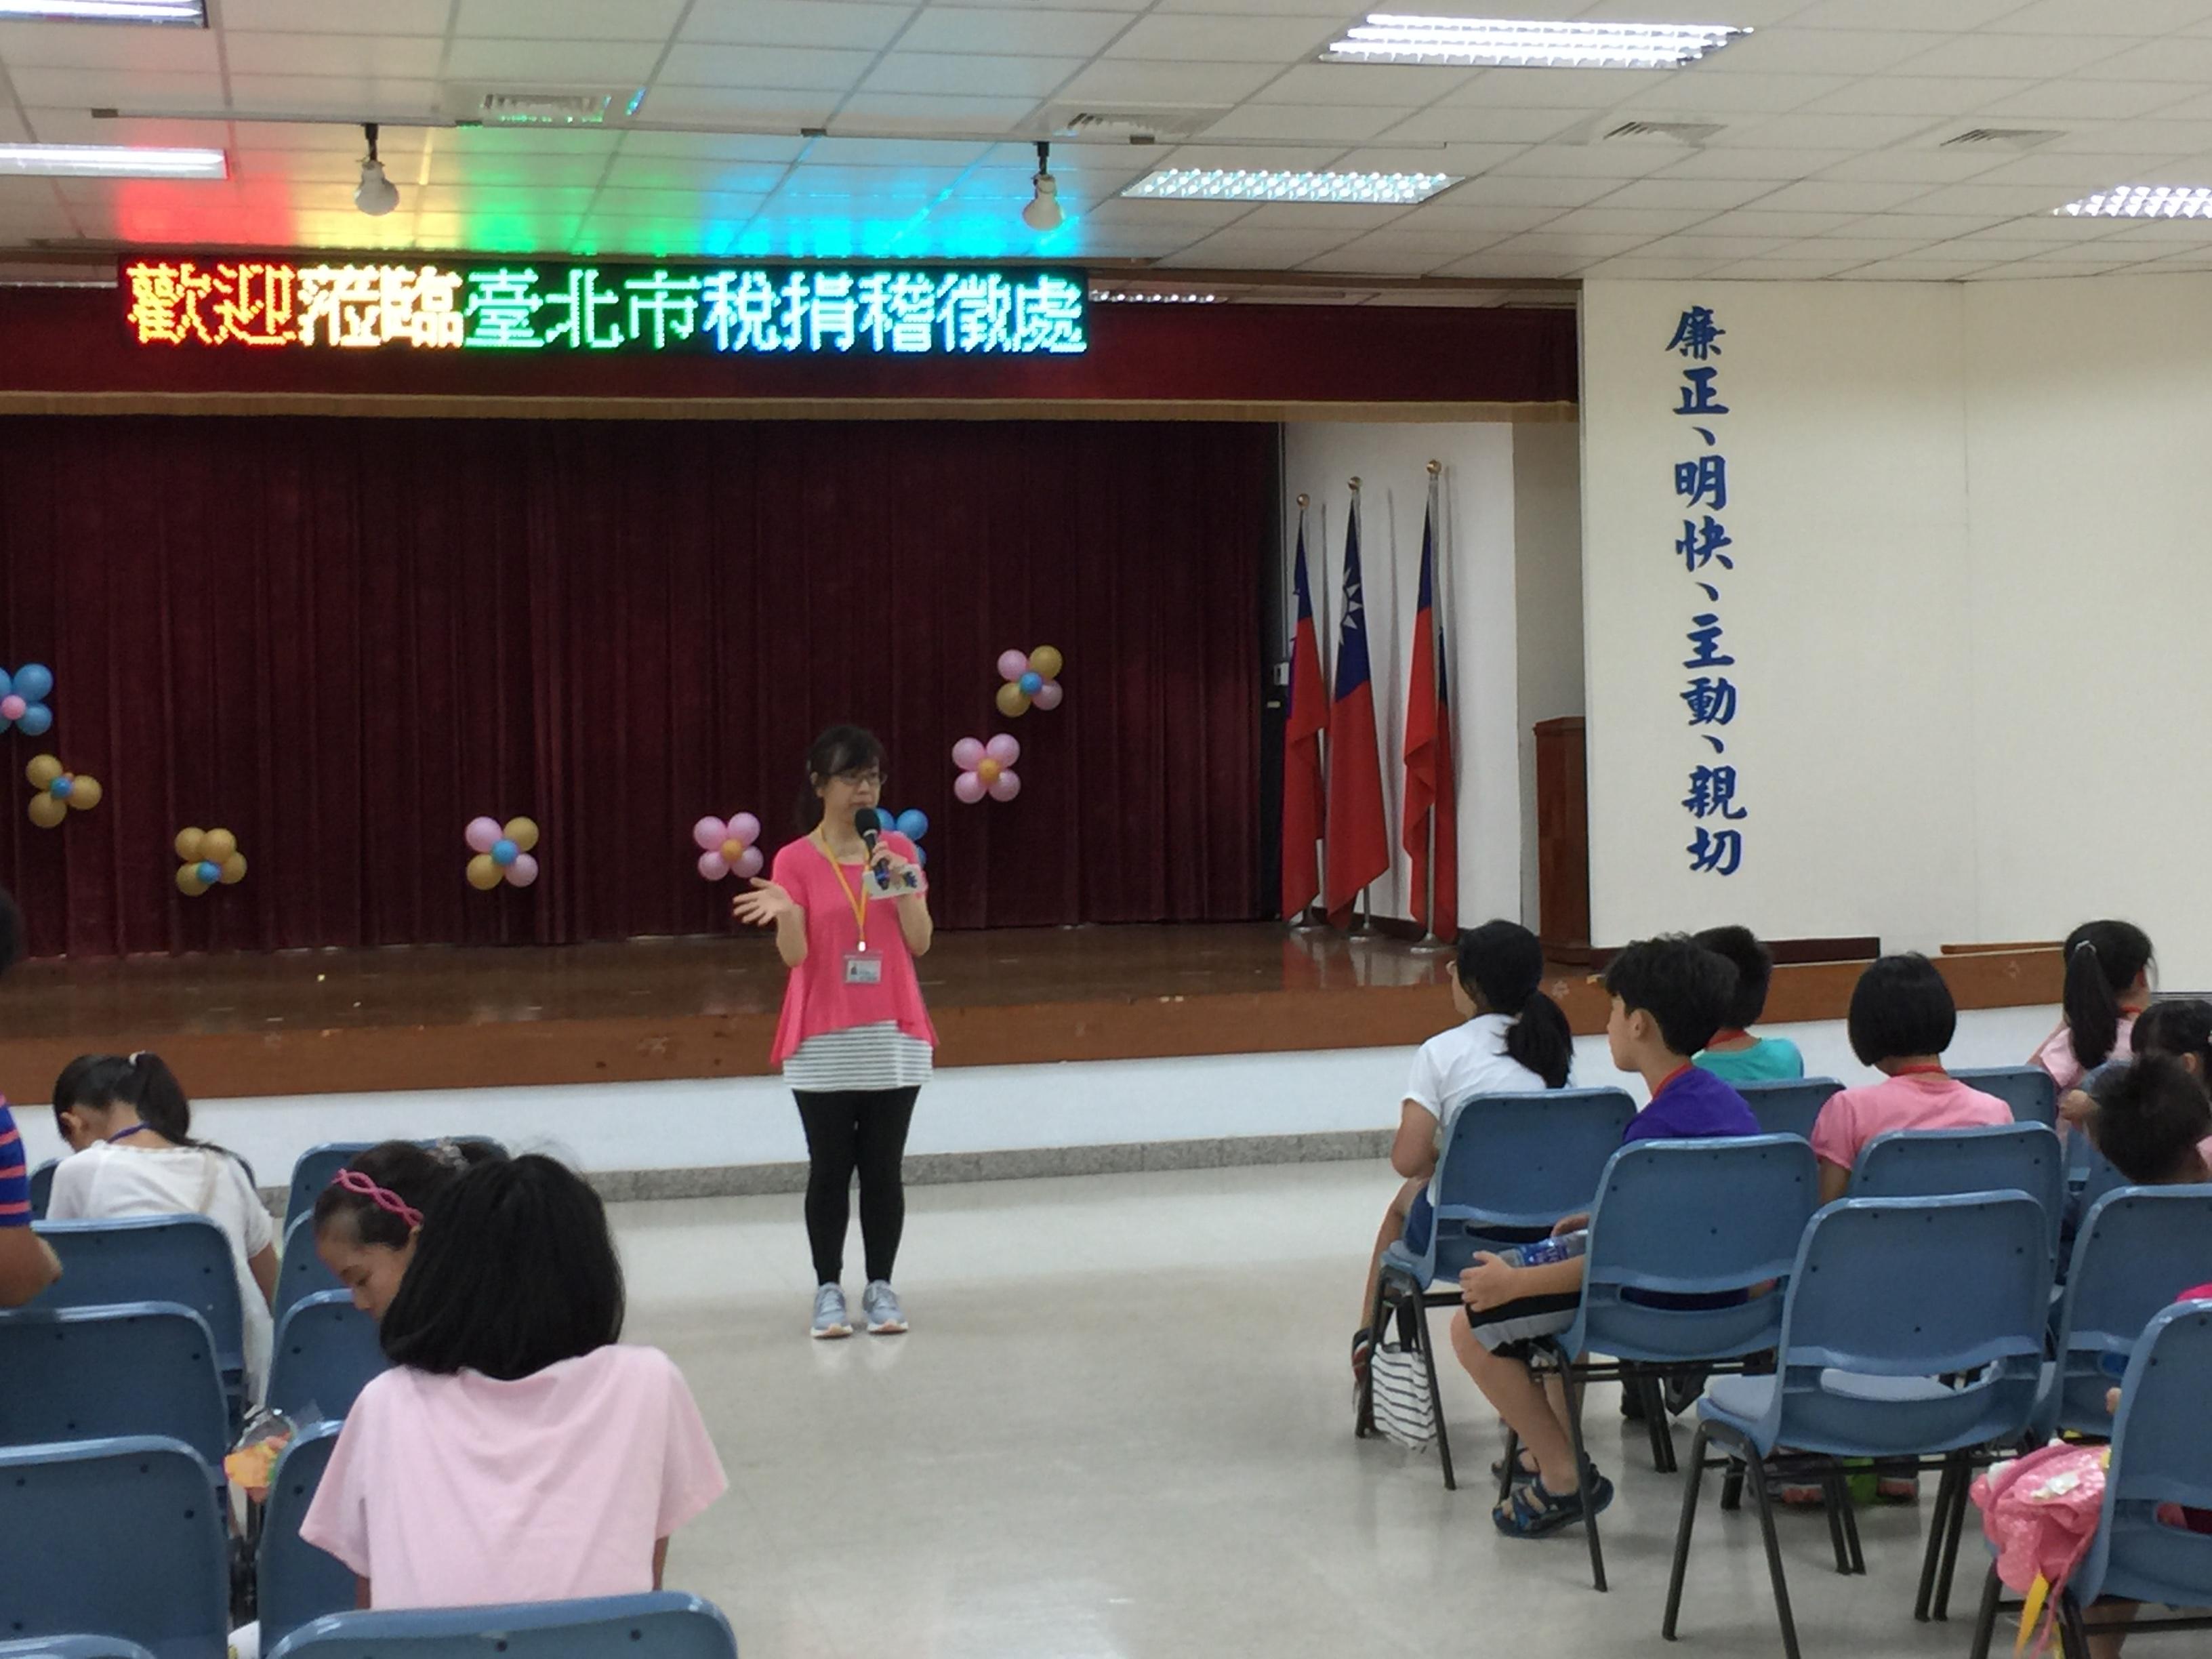 106Fun租稅Fun氣球活動照片5歡迎蒞臨臺北市稅捐稽徵處